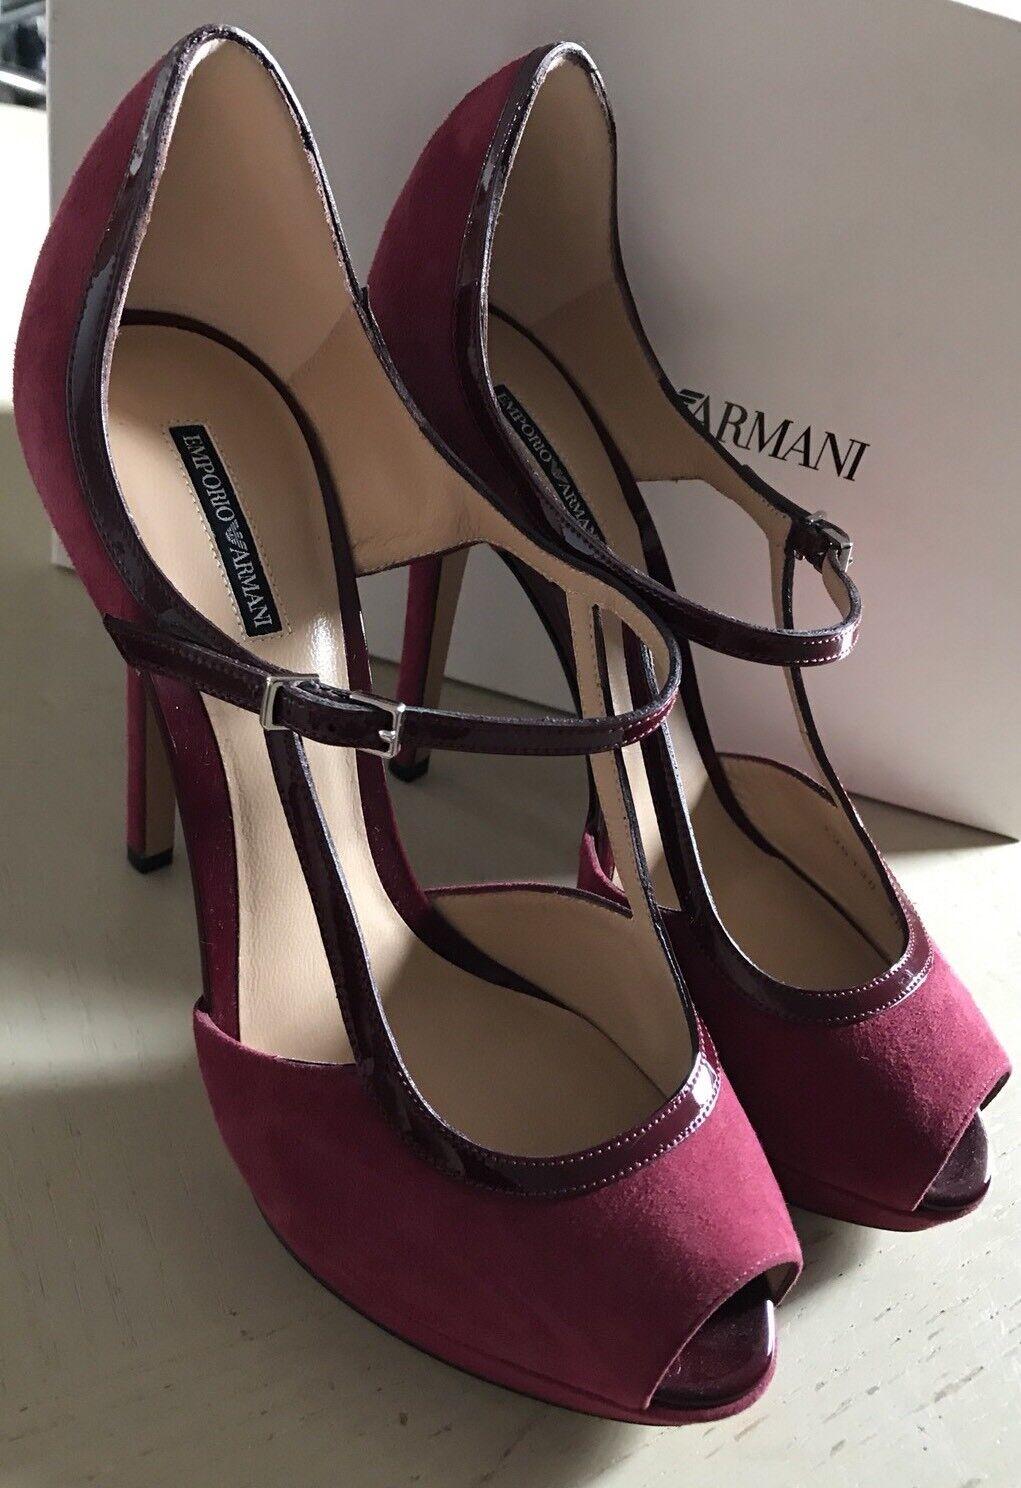 NIB $695 Emporio Armani Women's Sandal Shoes Red/Burgundy 8 US ( 38 Eu ) X3G130